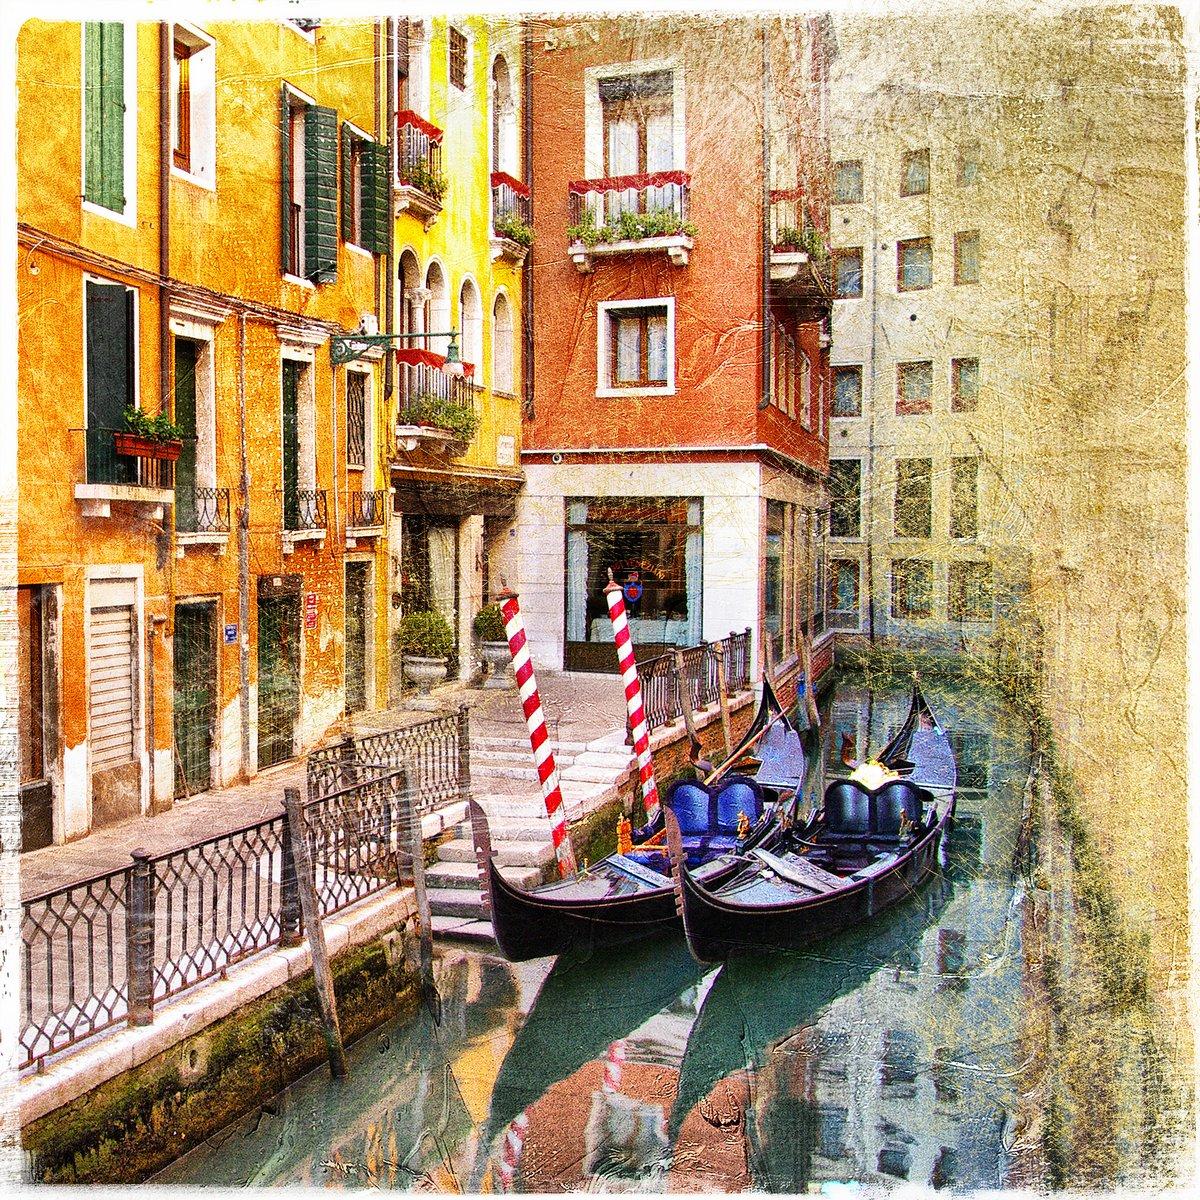 Постер Города и карты Каналы Венеции - ретро стиле изображения, 20x20 см, на бумагеВенеция<br>Постер на холсте или бумаге. Любого нужного вам размера. В раме или без. Подвес в комплекте. Трехслойная надежная упаковка. Доставим в любую точку России. Вам осталось только повесить картину на стену!<br>